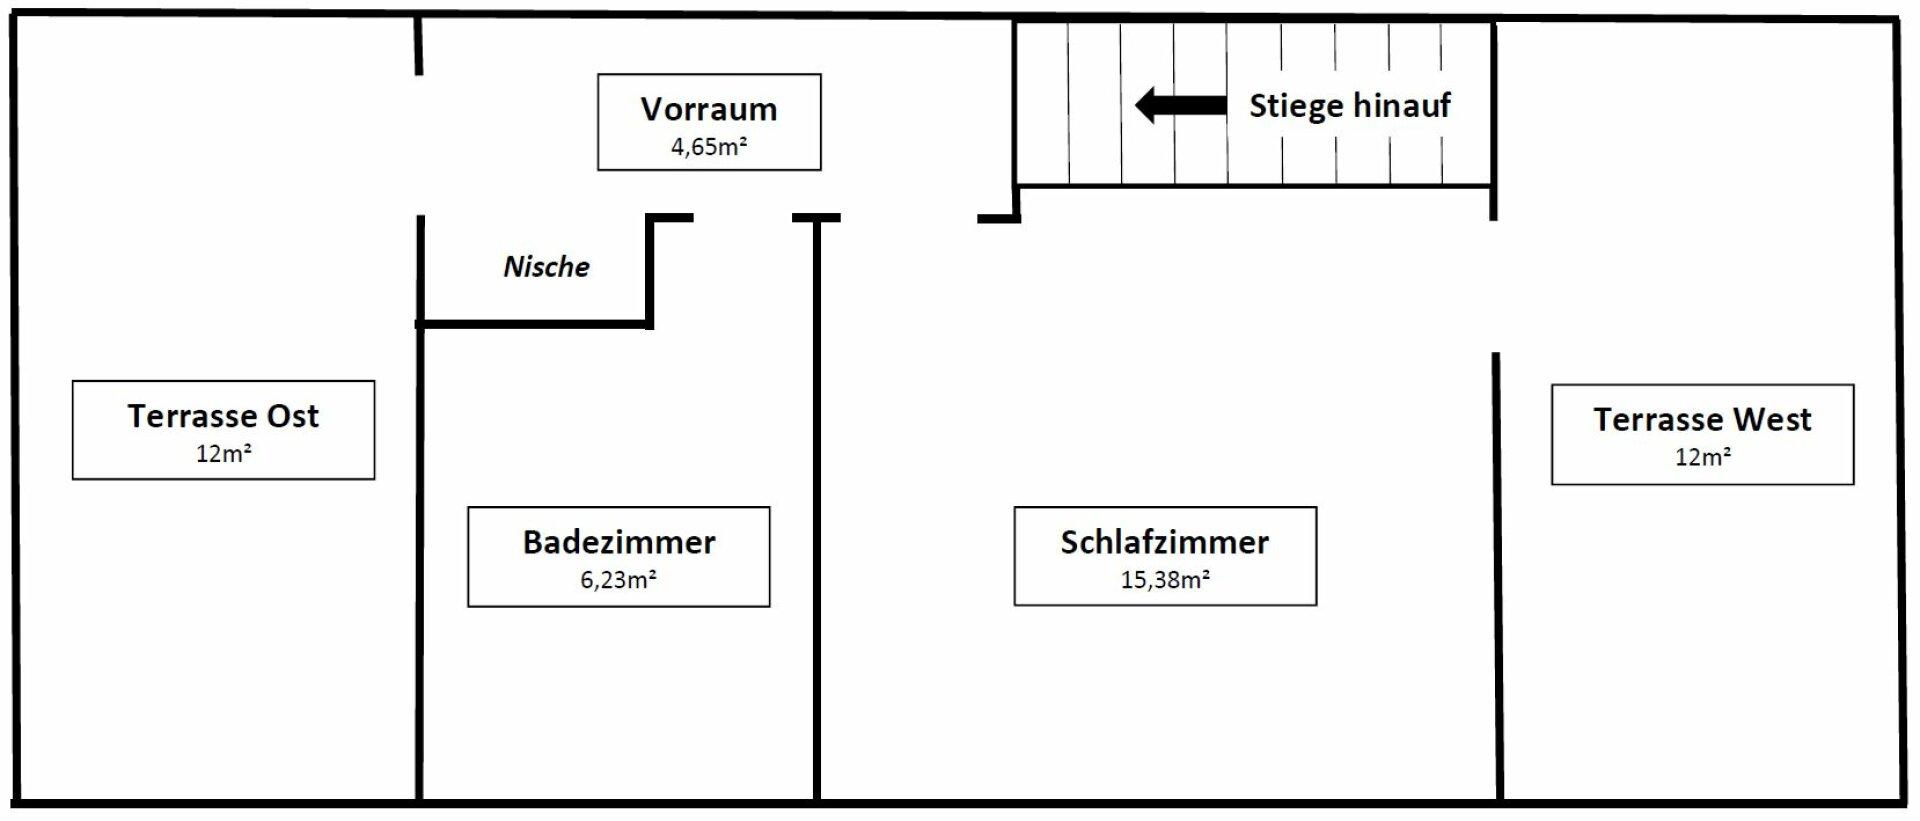 Plan obere Etage